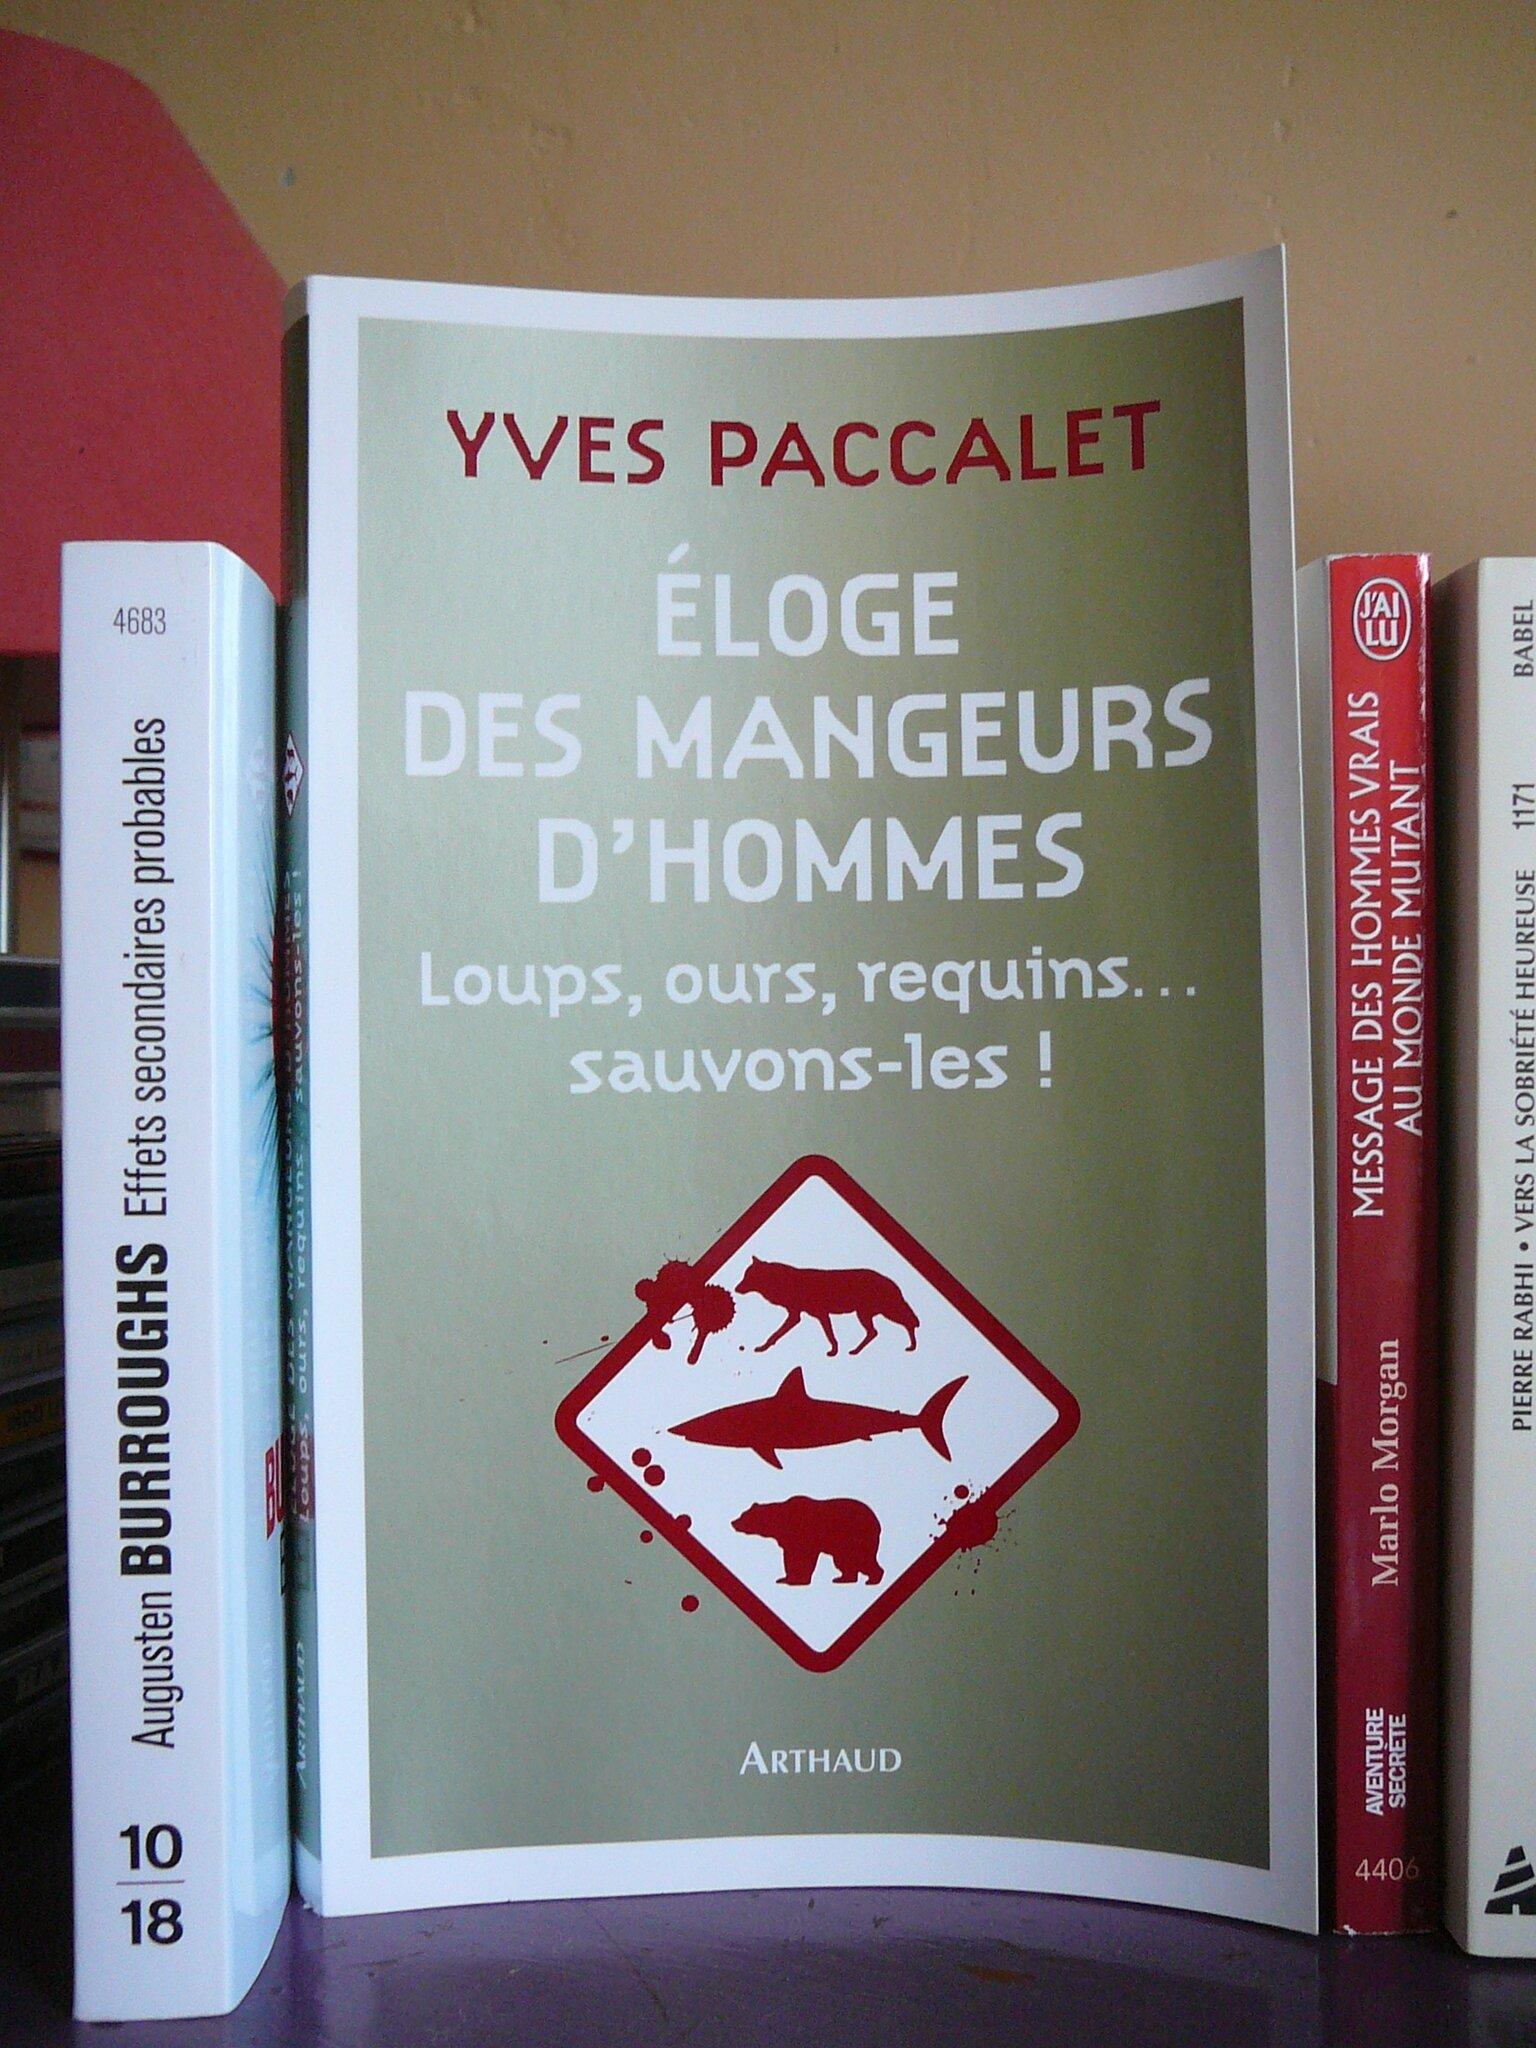 Yves Paccalet - Eloge des mangeurs d'hommes.